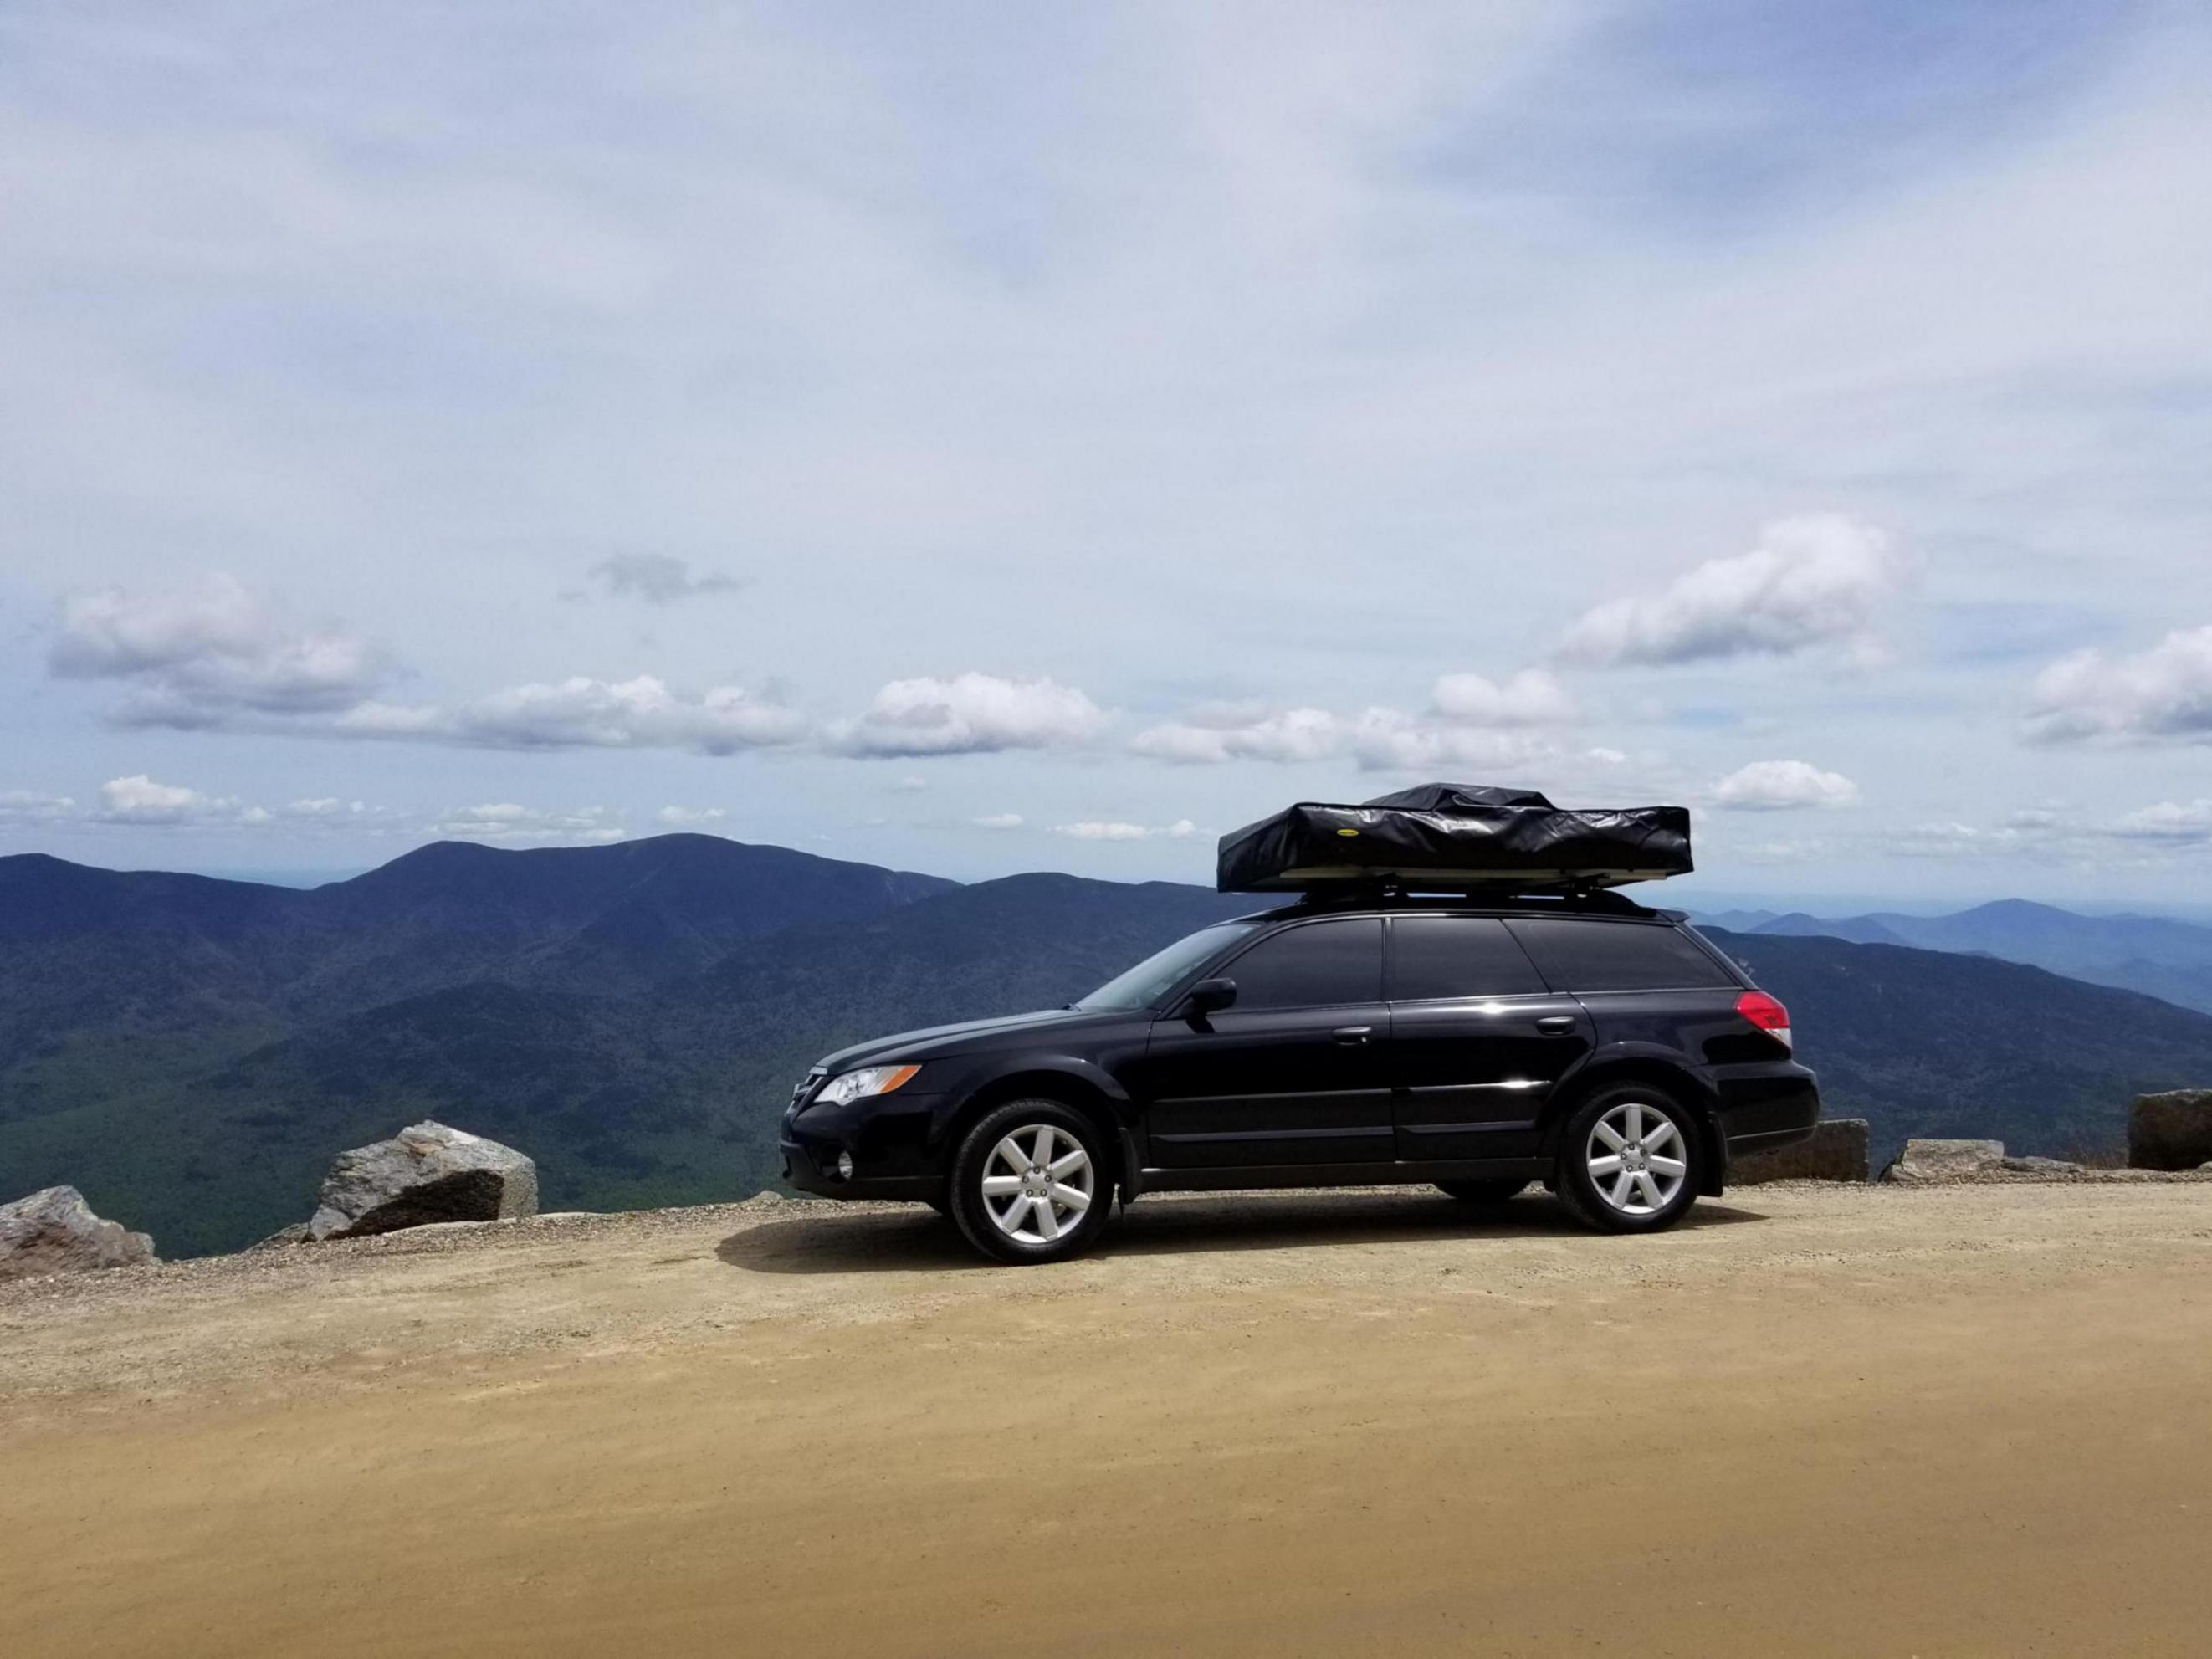 Mount Washington and White Mountains Trip Subaru